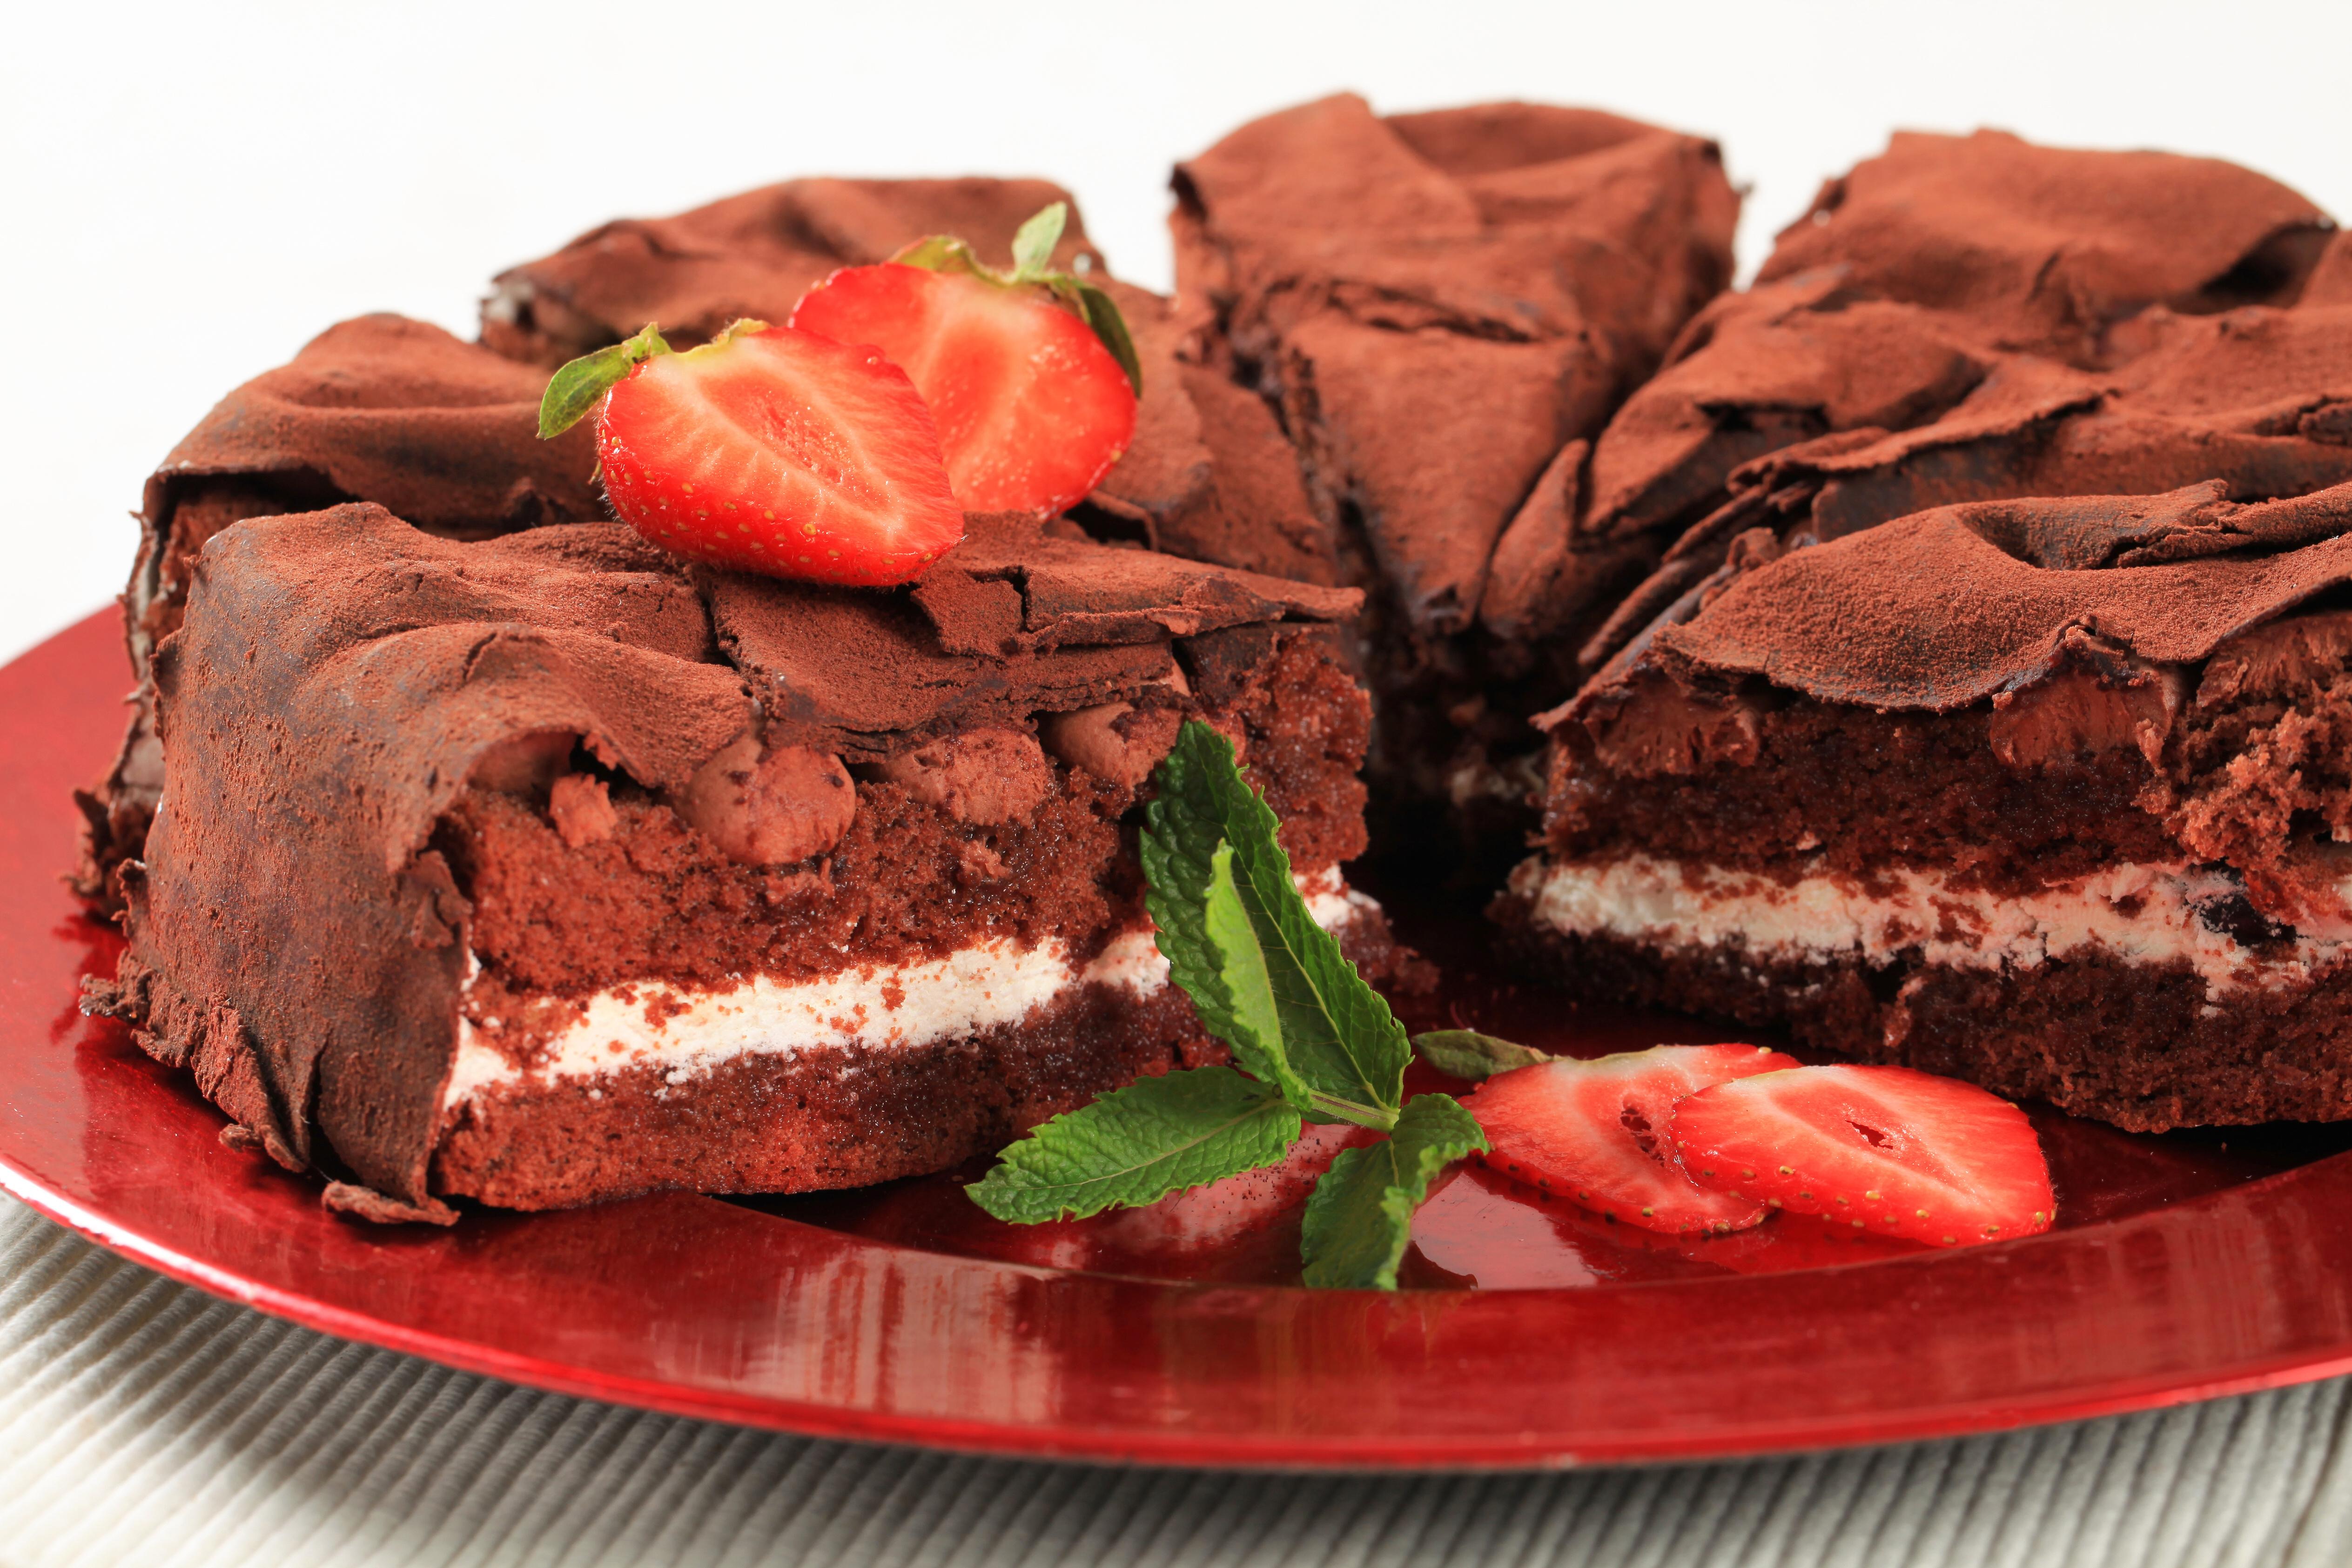 Пирог торт  № 2127494 загрузить